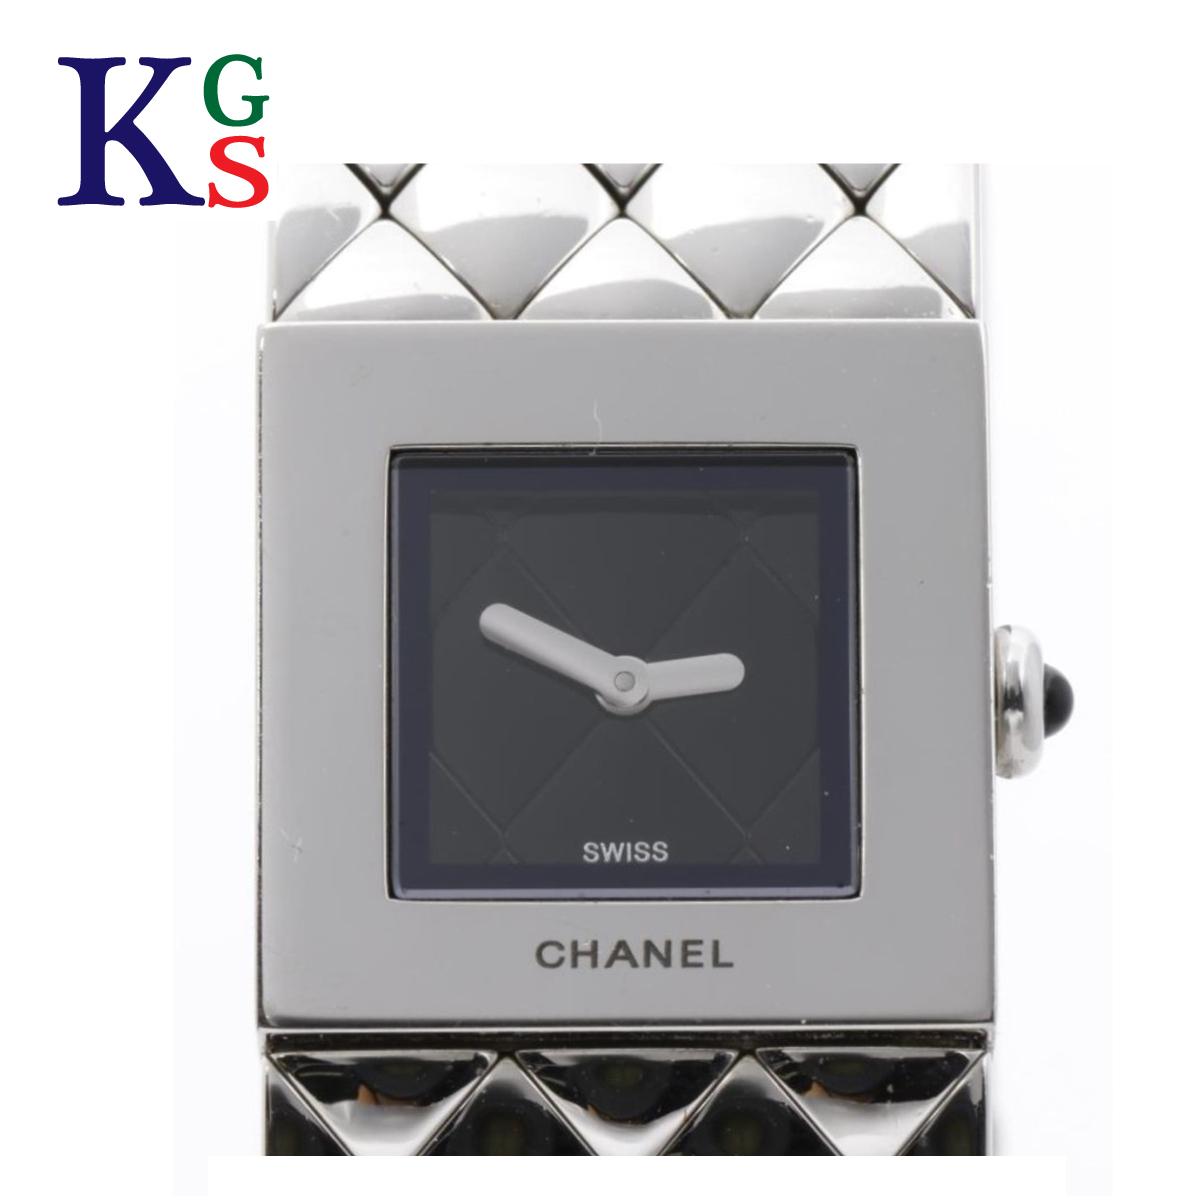 【ギフト品質】シャネル/CHANEL レディース 腕時計 マトラッセ 黒文字盤 ステンレススチール クオーツ H0009